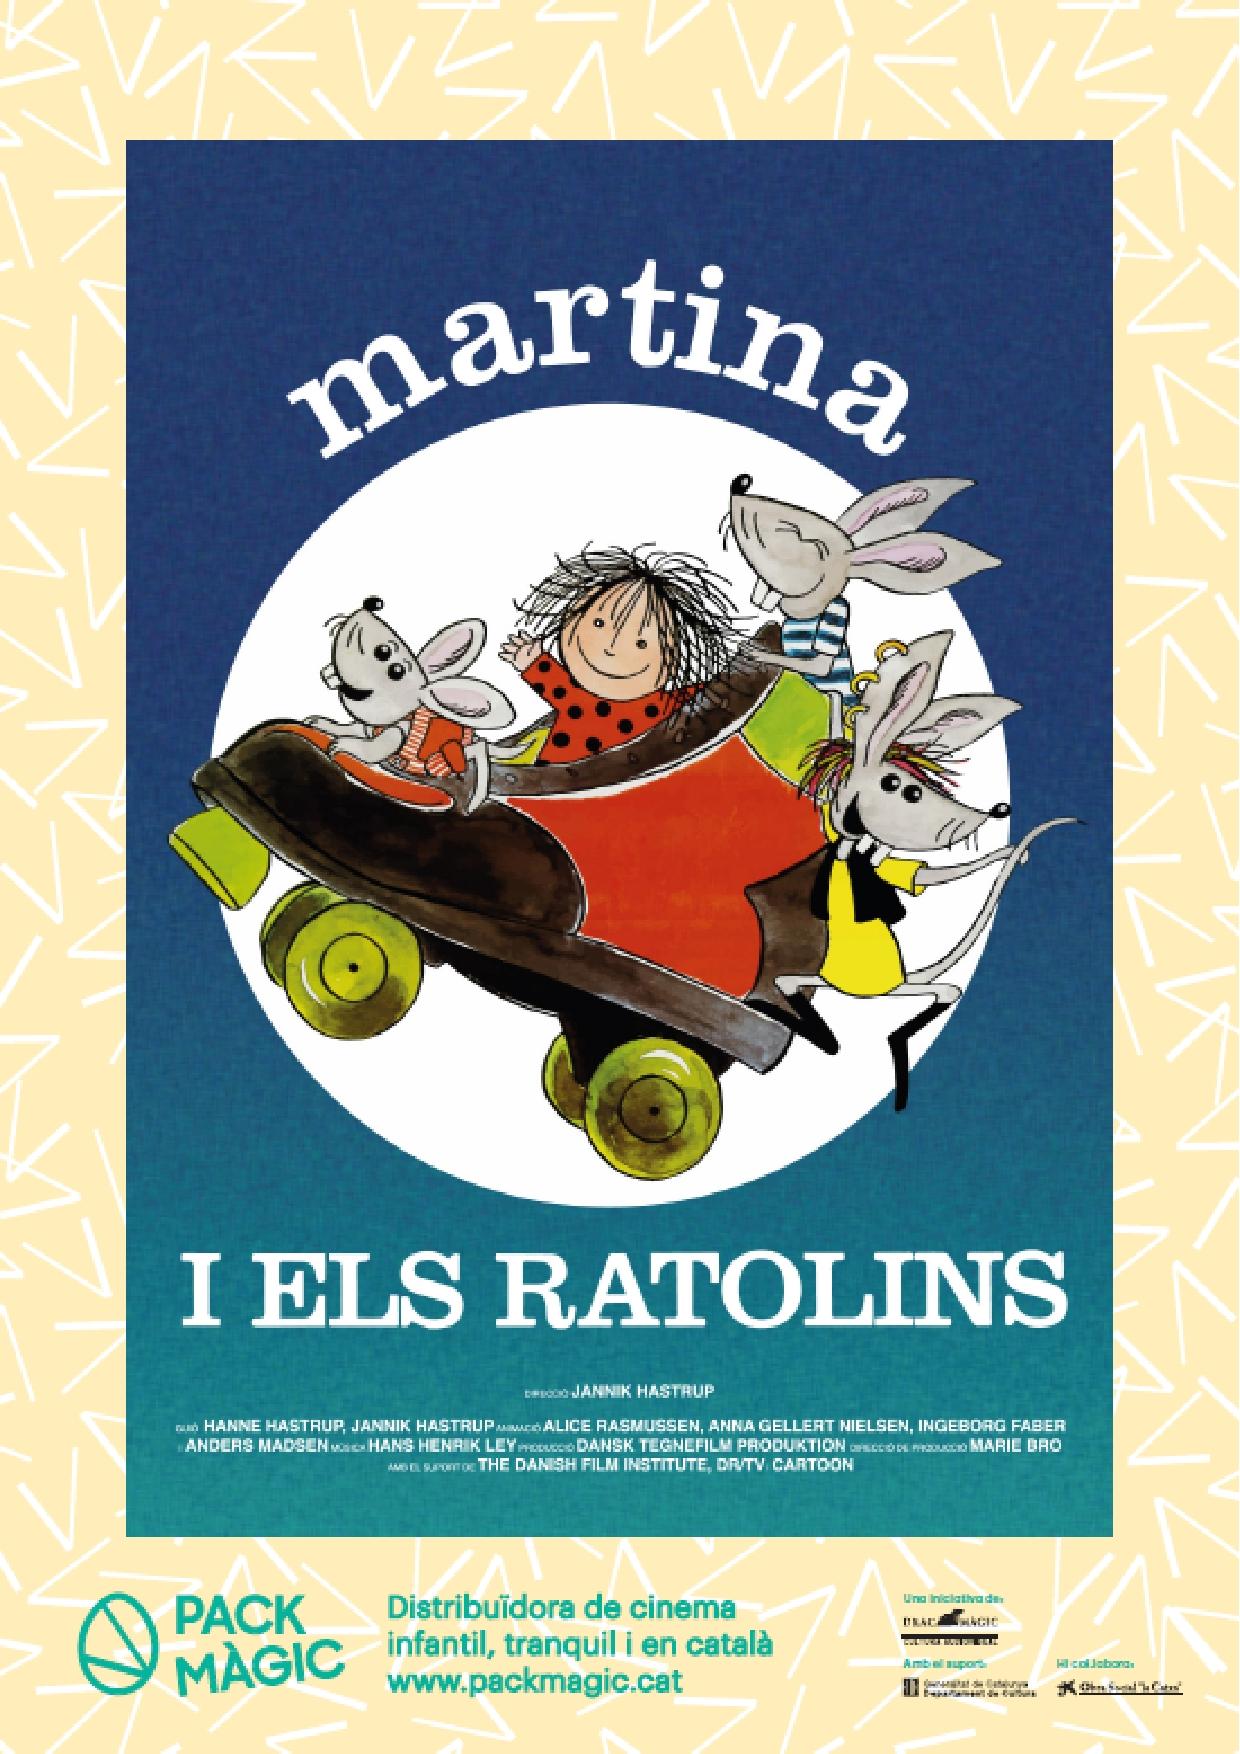 Projecci de martina i els ratolins a la biblioteca blog de la biblioteca p blica de lleida - La casa dels ratolins ...